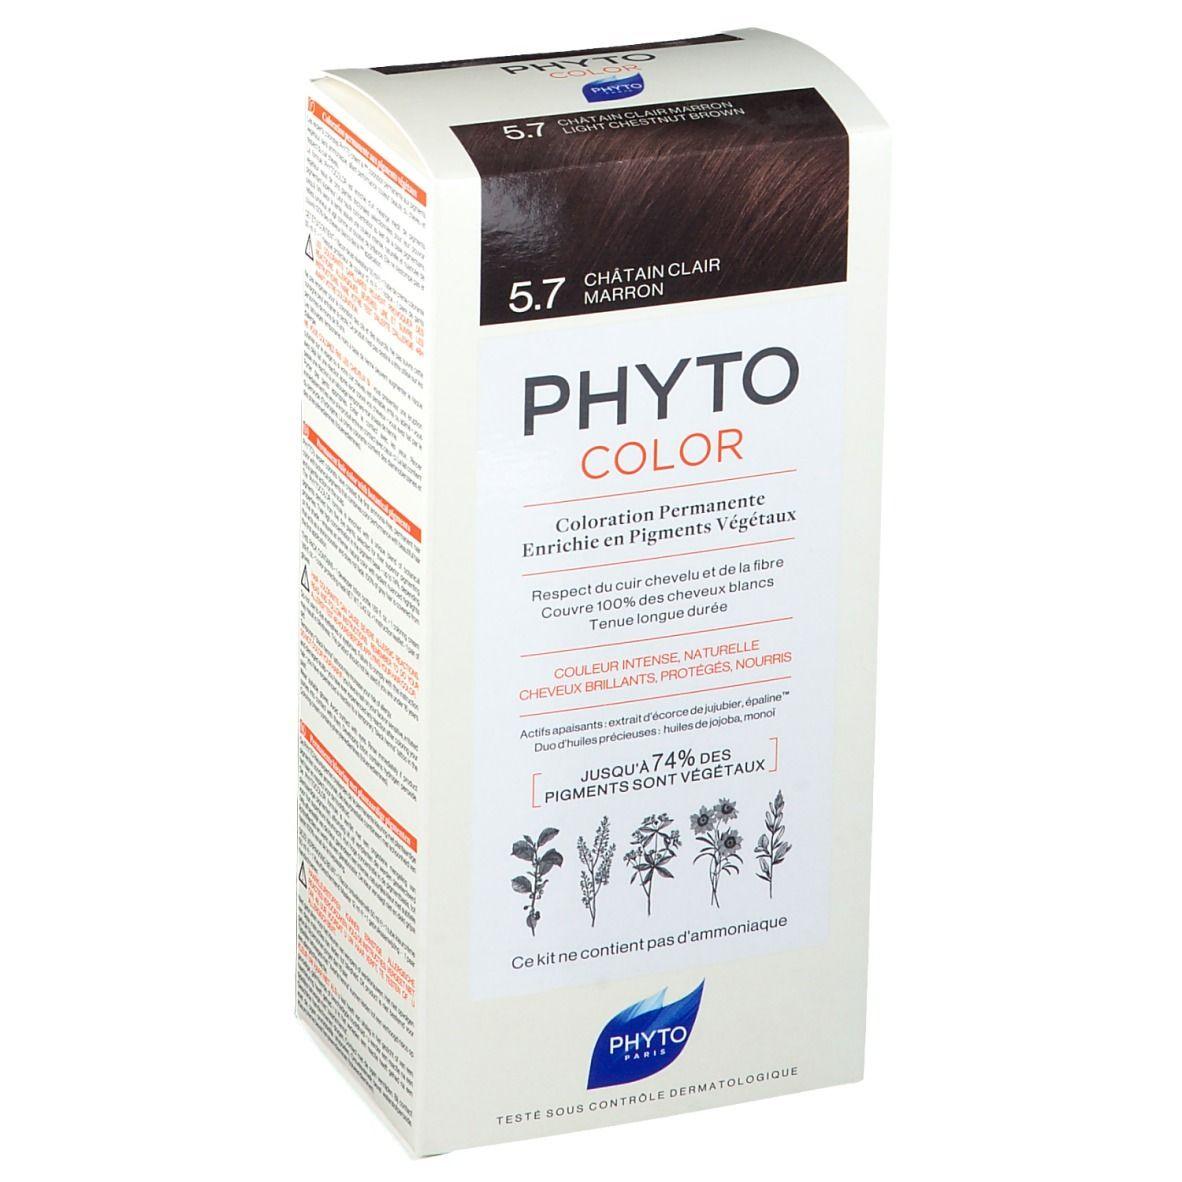 PHYTOCOLOR 5.7 Châtain clair marron pc(s) crème